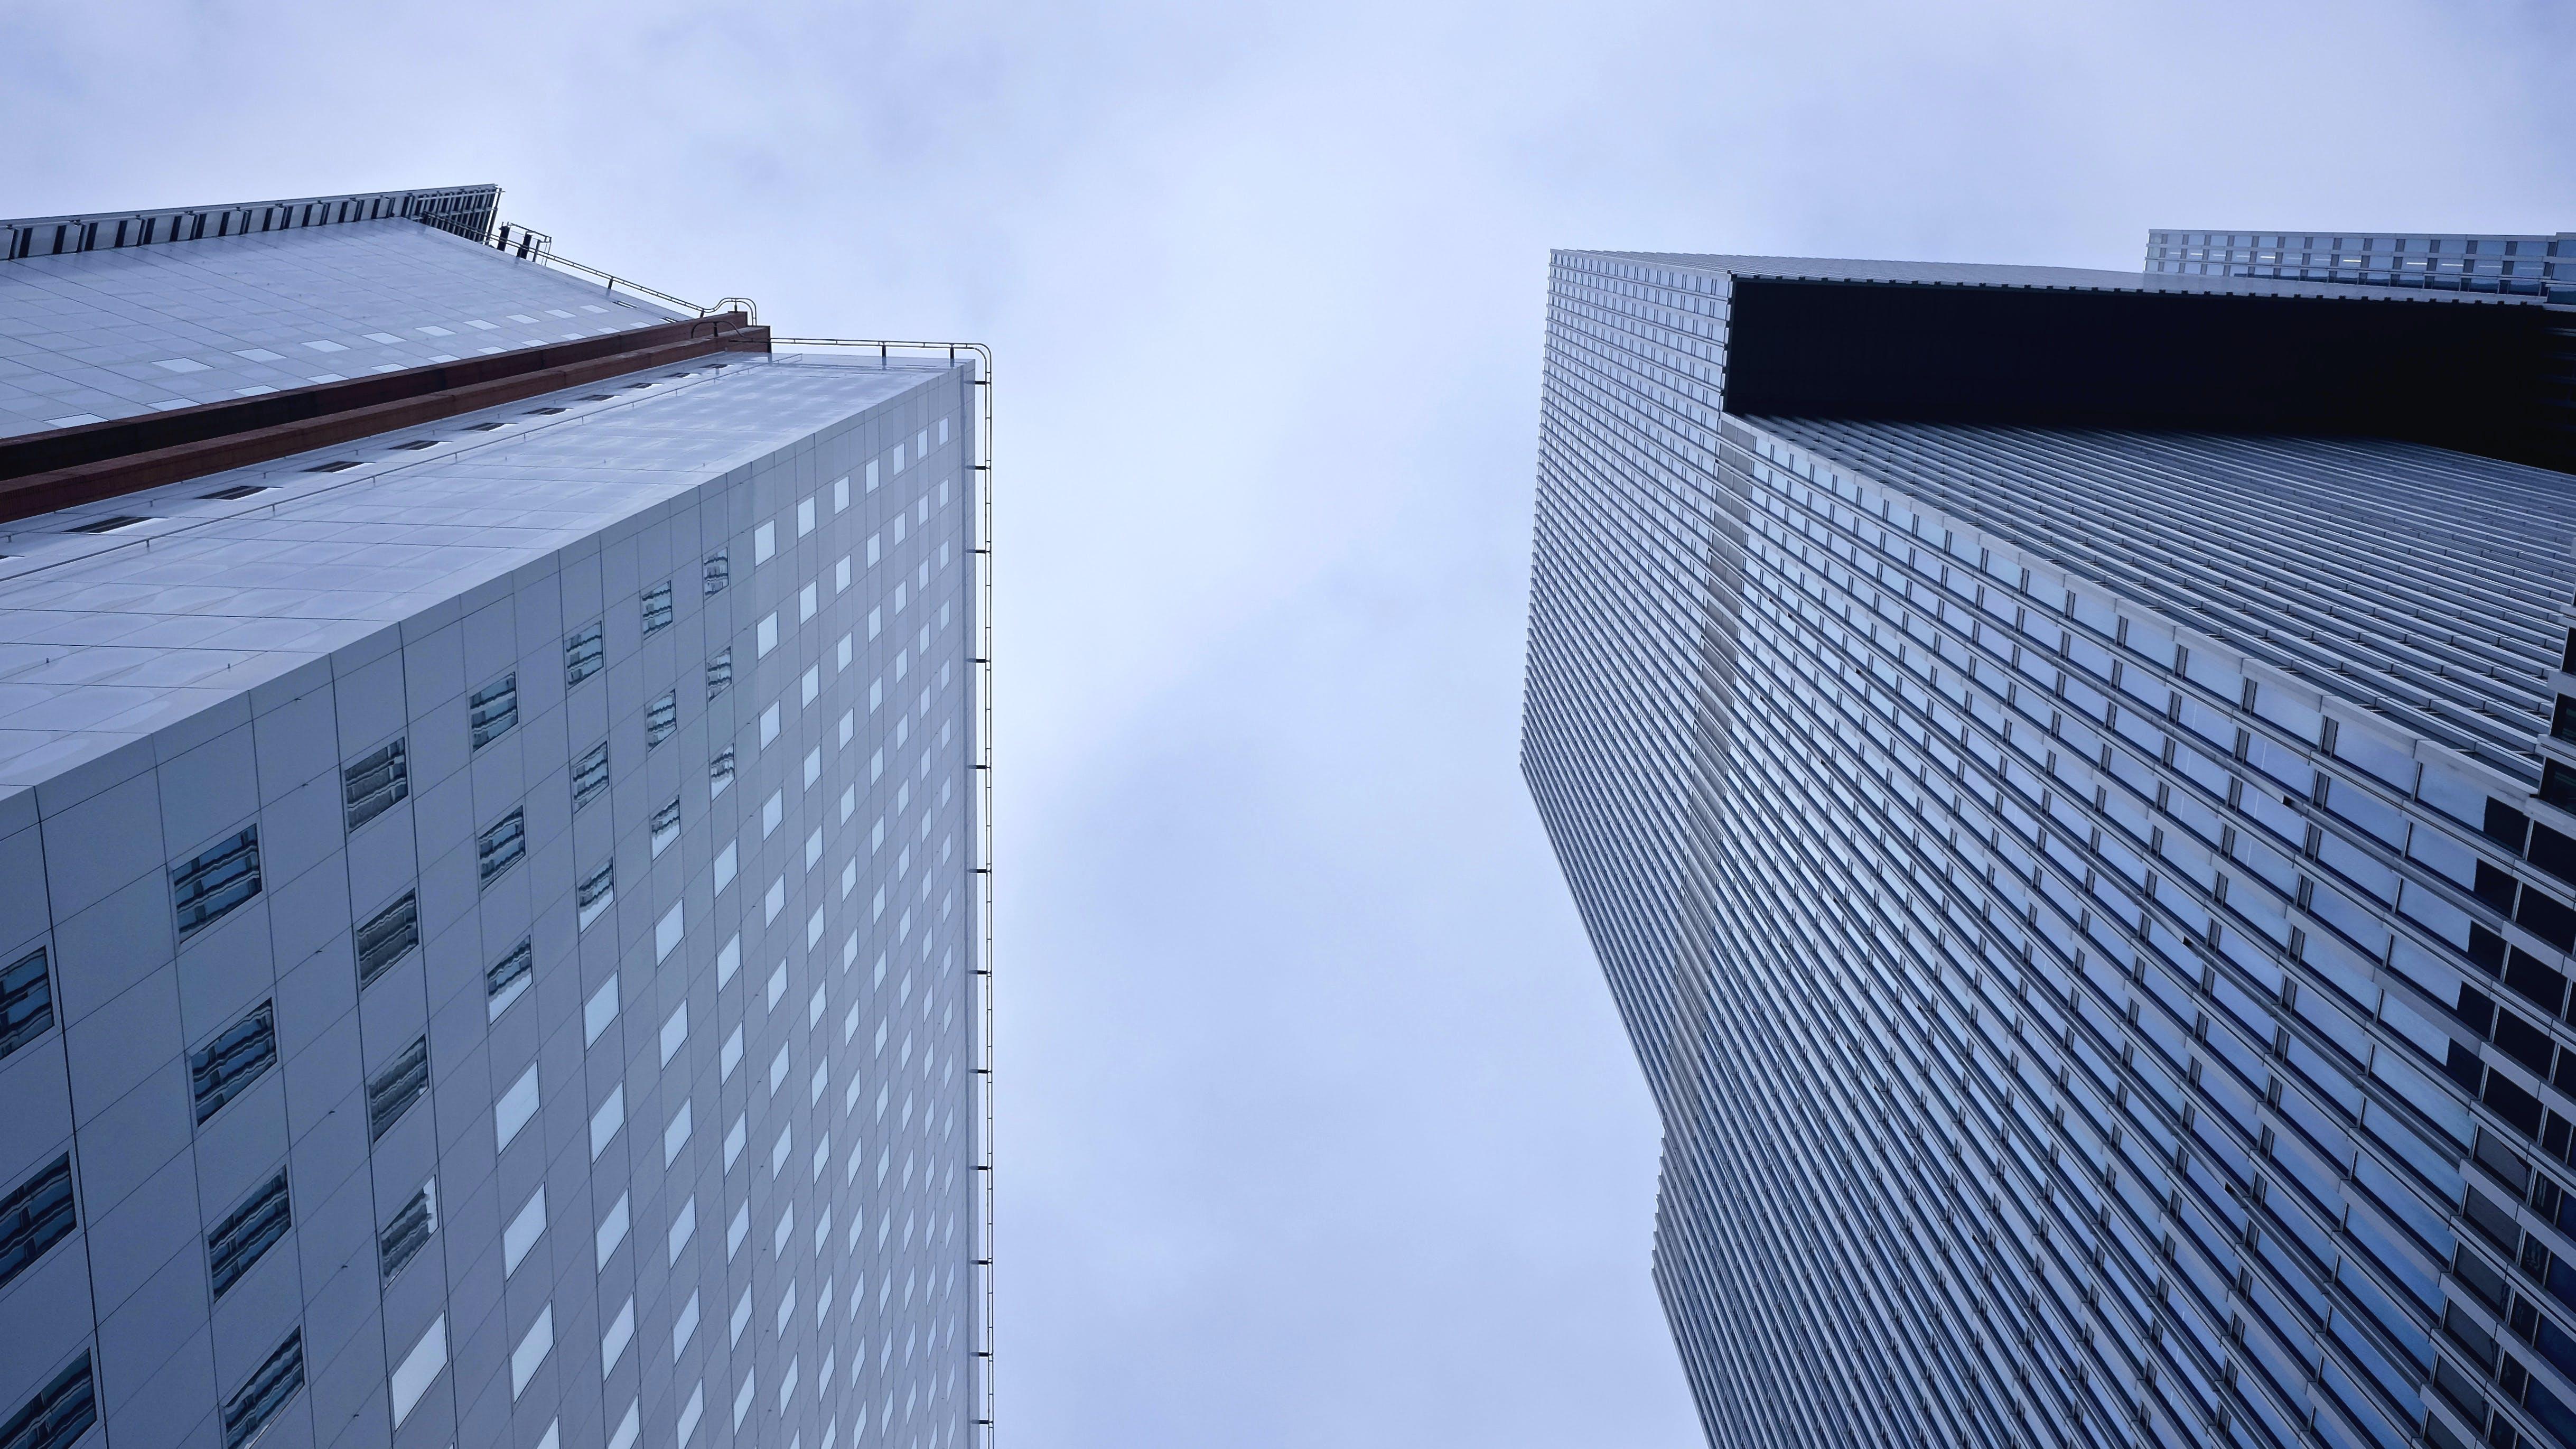 Gratis lagerfoto af arkitektur, bygninger, bylandskab, fotografering fra lav vinkel